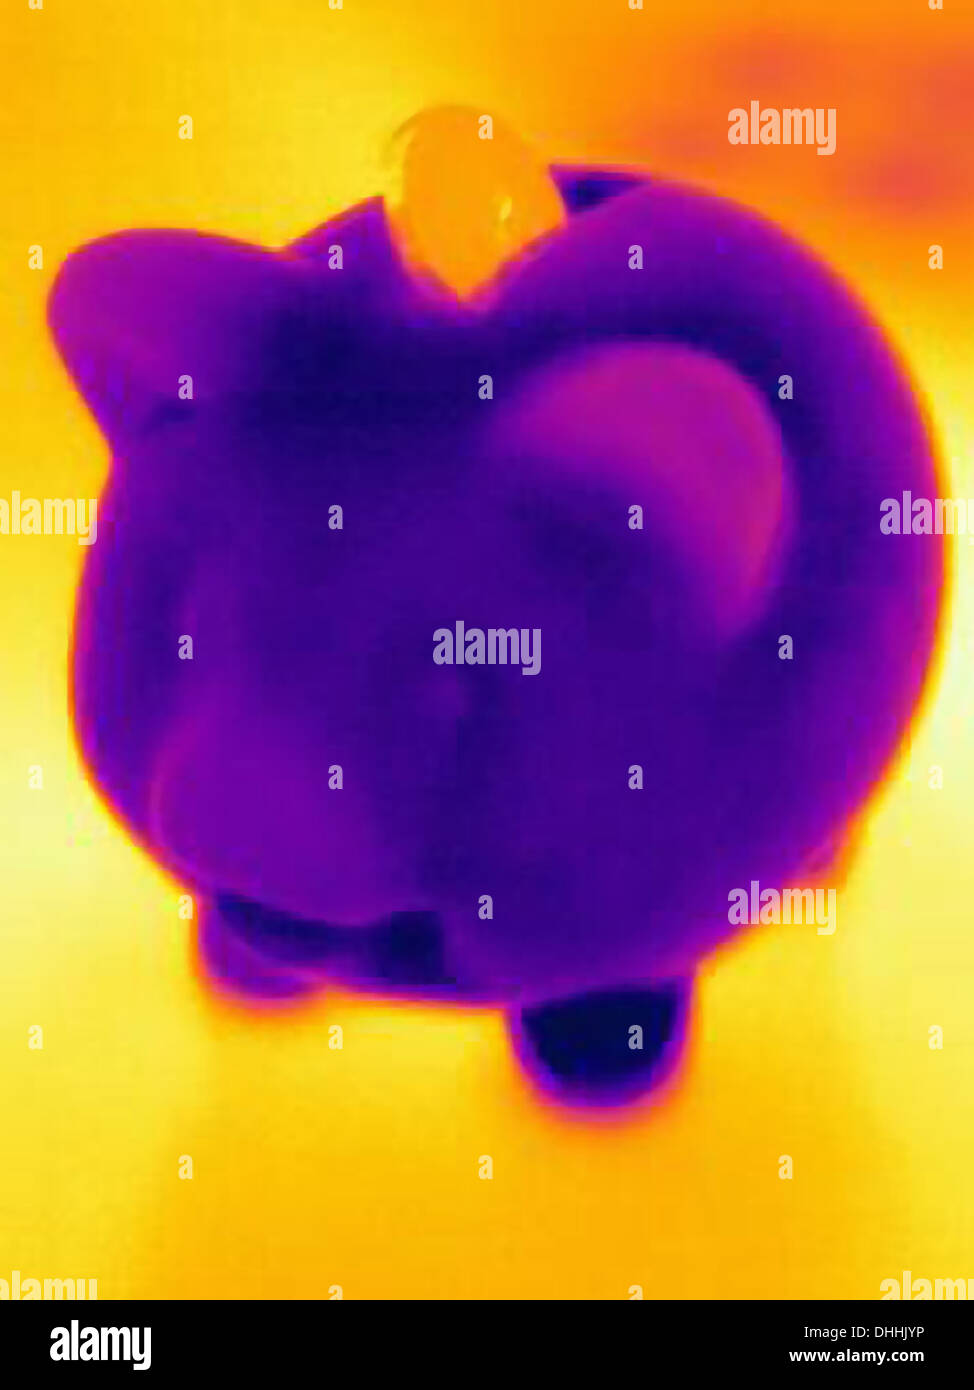 Fotografia termica del salvadanaio con moneta Immagini Stock